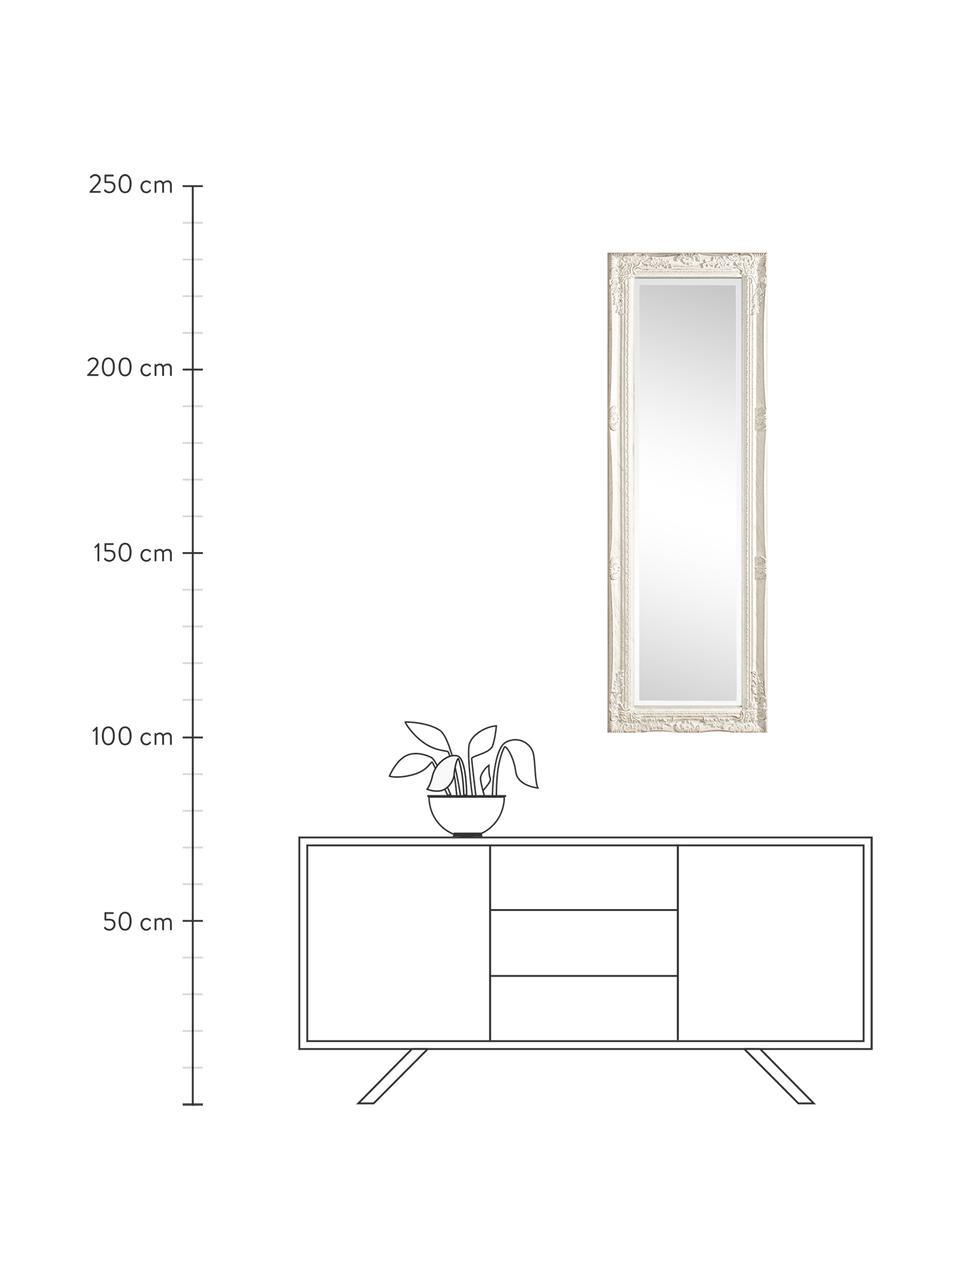 Eckiger Wandspiegel Miro mit weißem Paulowniaholzrahmen, Rahmen: Paulowniaholz, beschichte, Spiegelfläche: Spiegelglas, Weiß, 42 x 132 cm